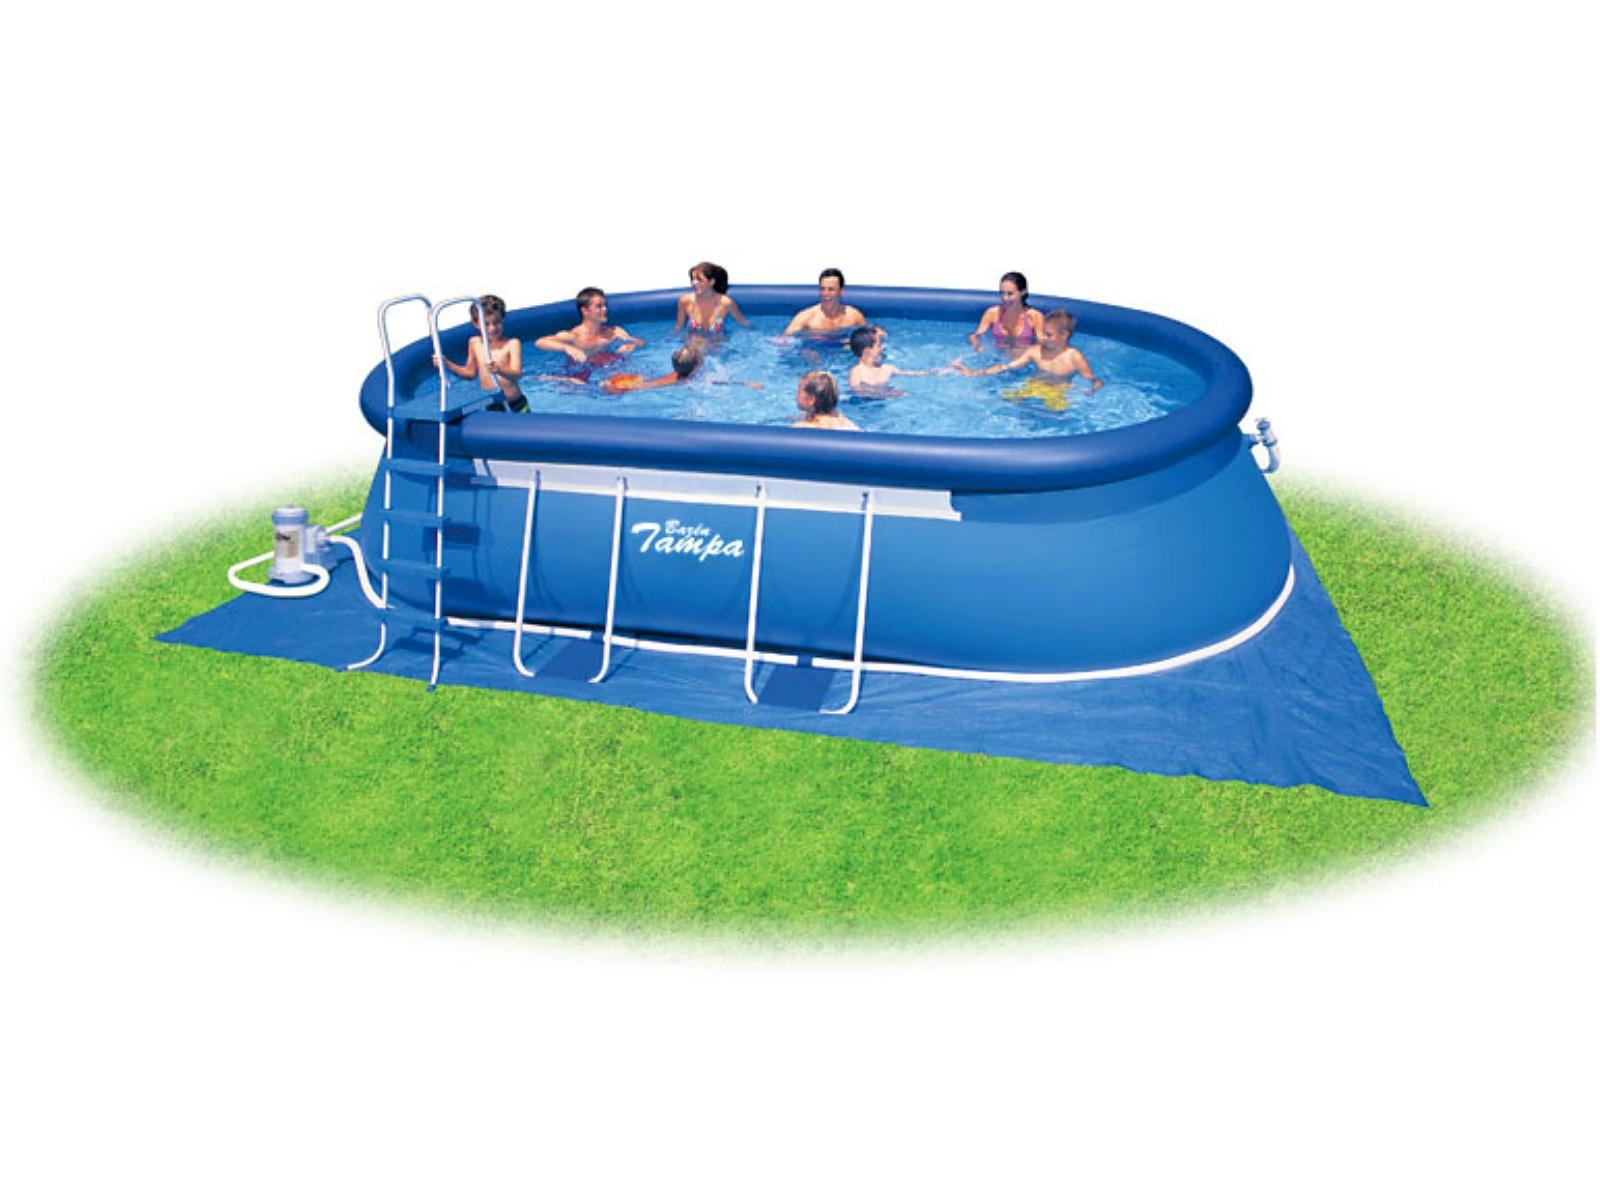 Bazén MARIMEX Tampa 549 x 305 x 107 cm ovál s kartušovou filtrací